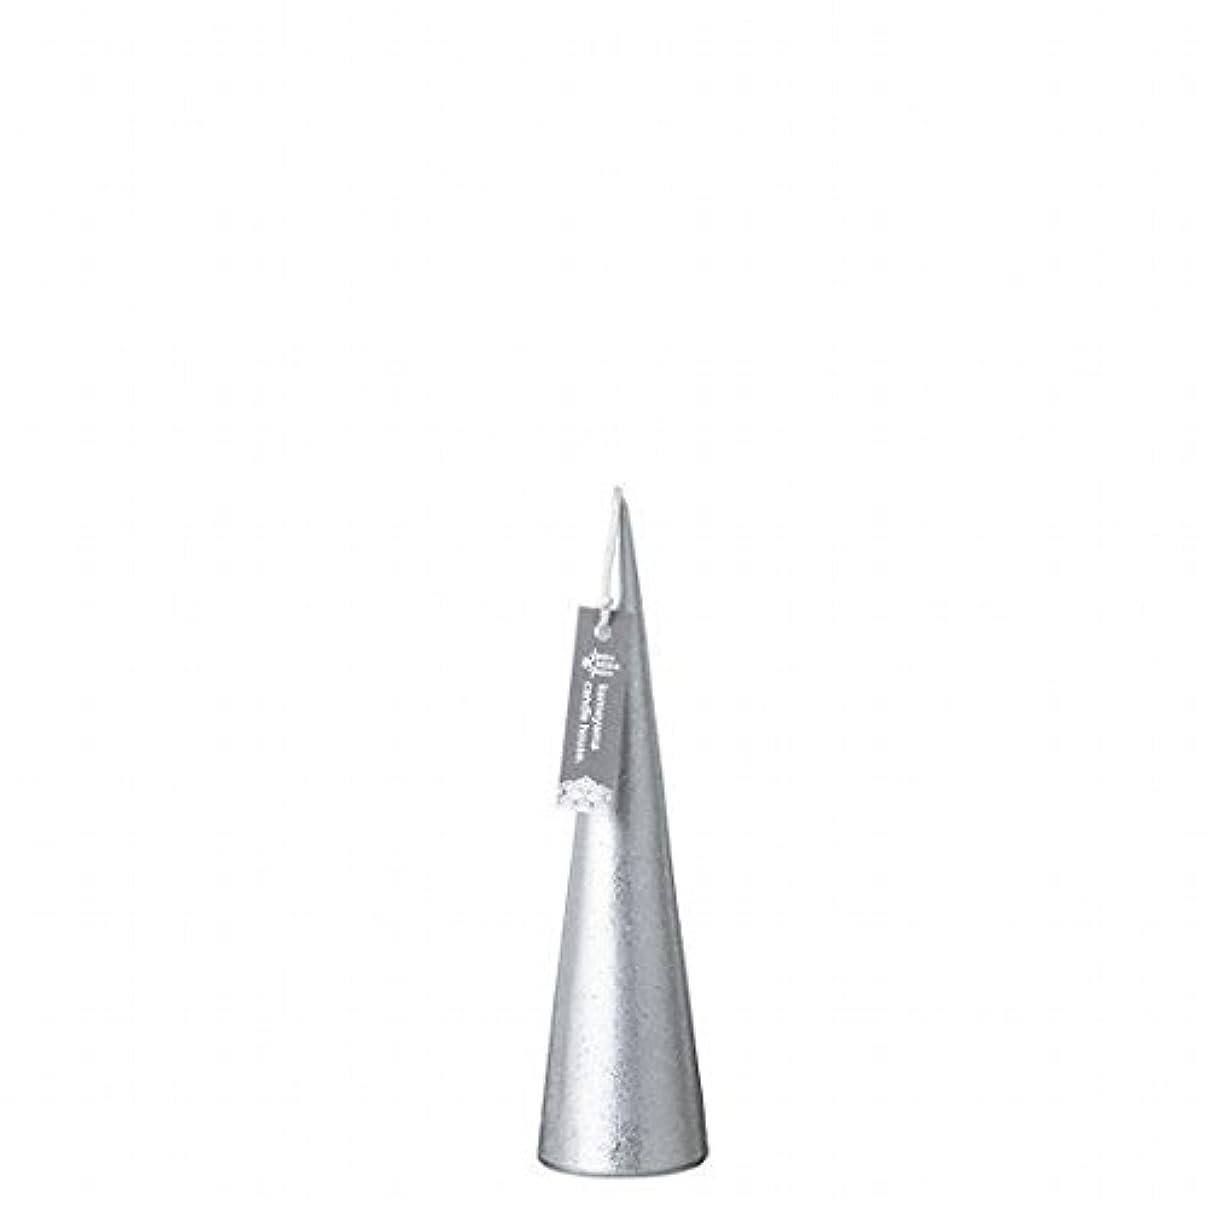 好きである添加剤車カメヤマキャンドル(kameyama candle) メタリックコーンS 「 シルバー 」